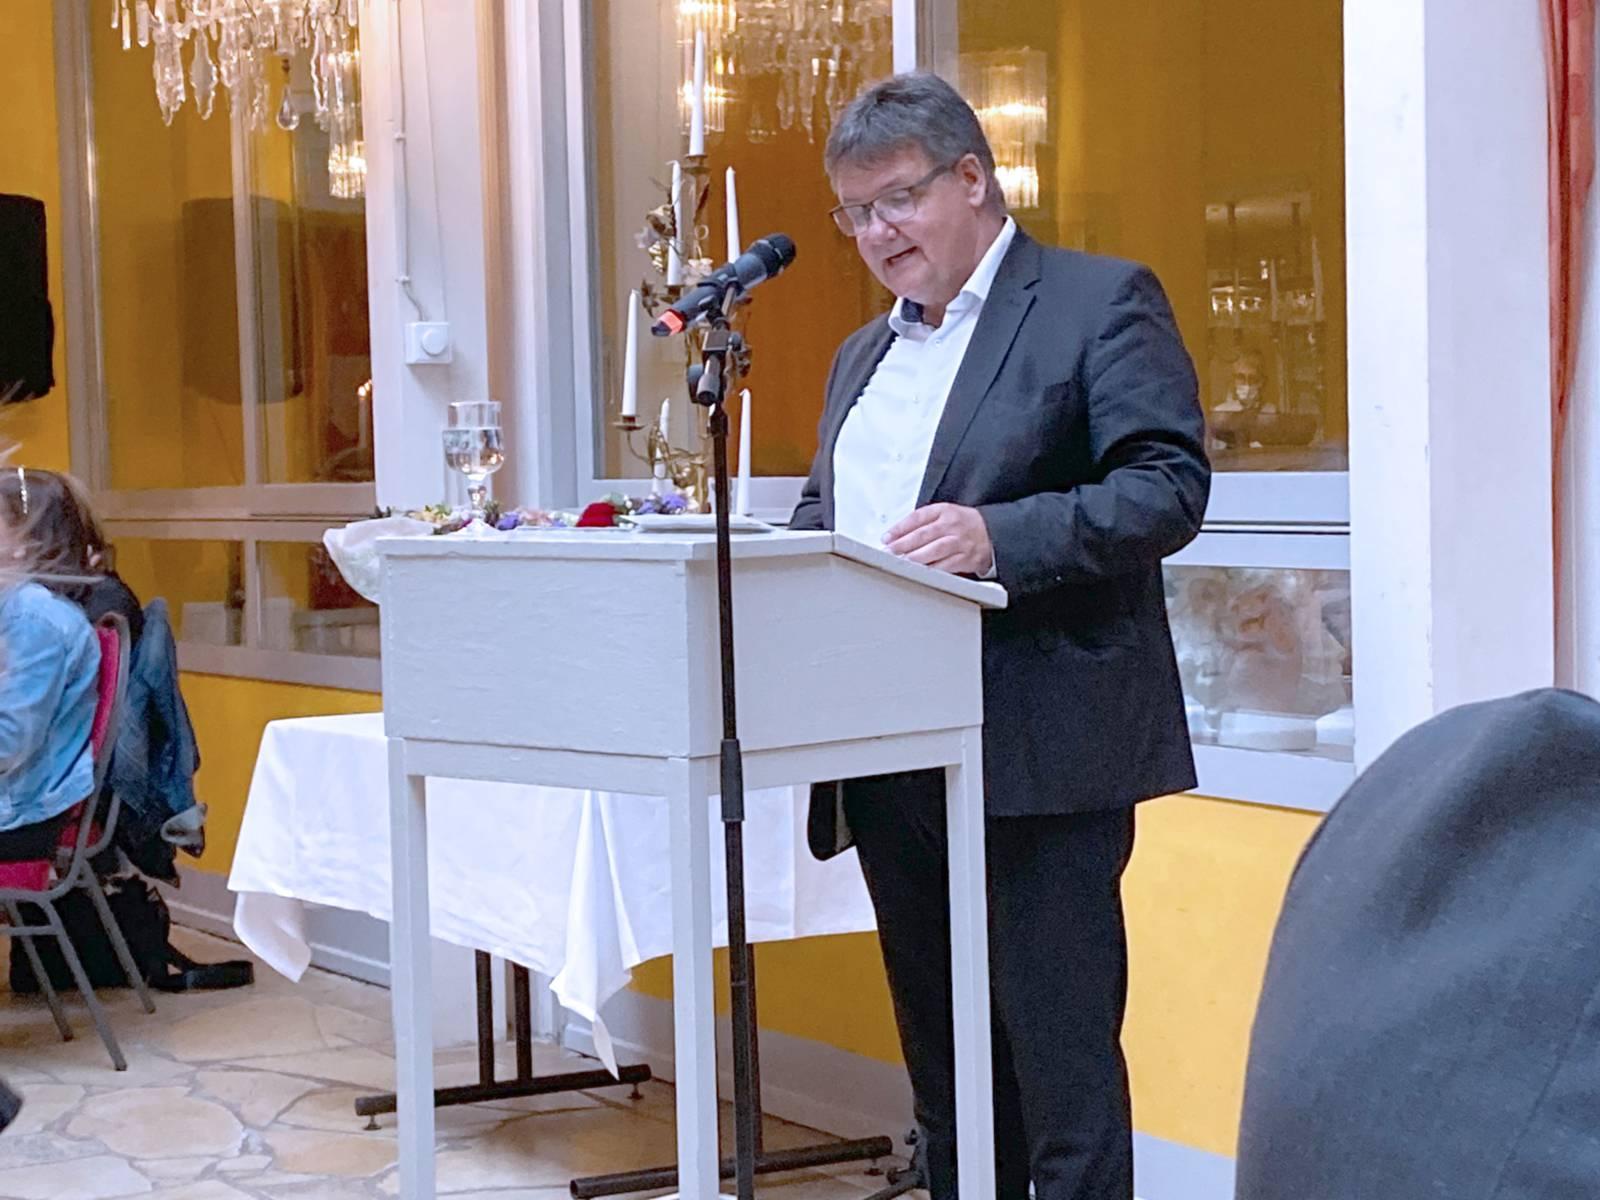 Bürgerpreisverleihung im Stadtbezirk Ricklingen